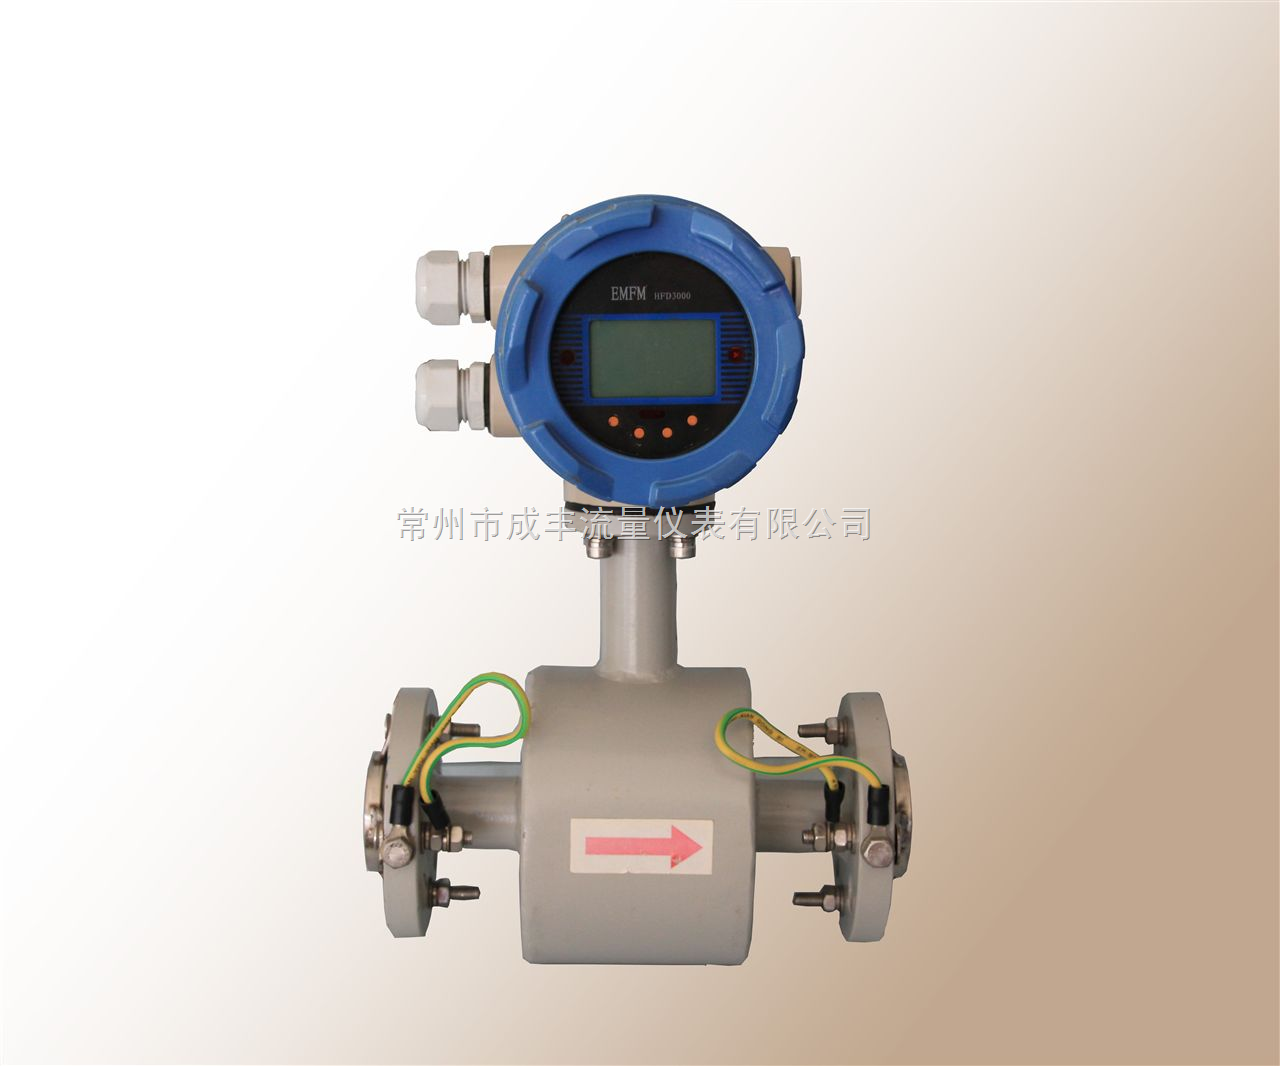 LDG-A065-【常州成丰】国产的价格打造西门子电磁流量计的品质